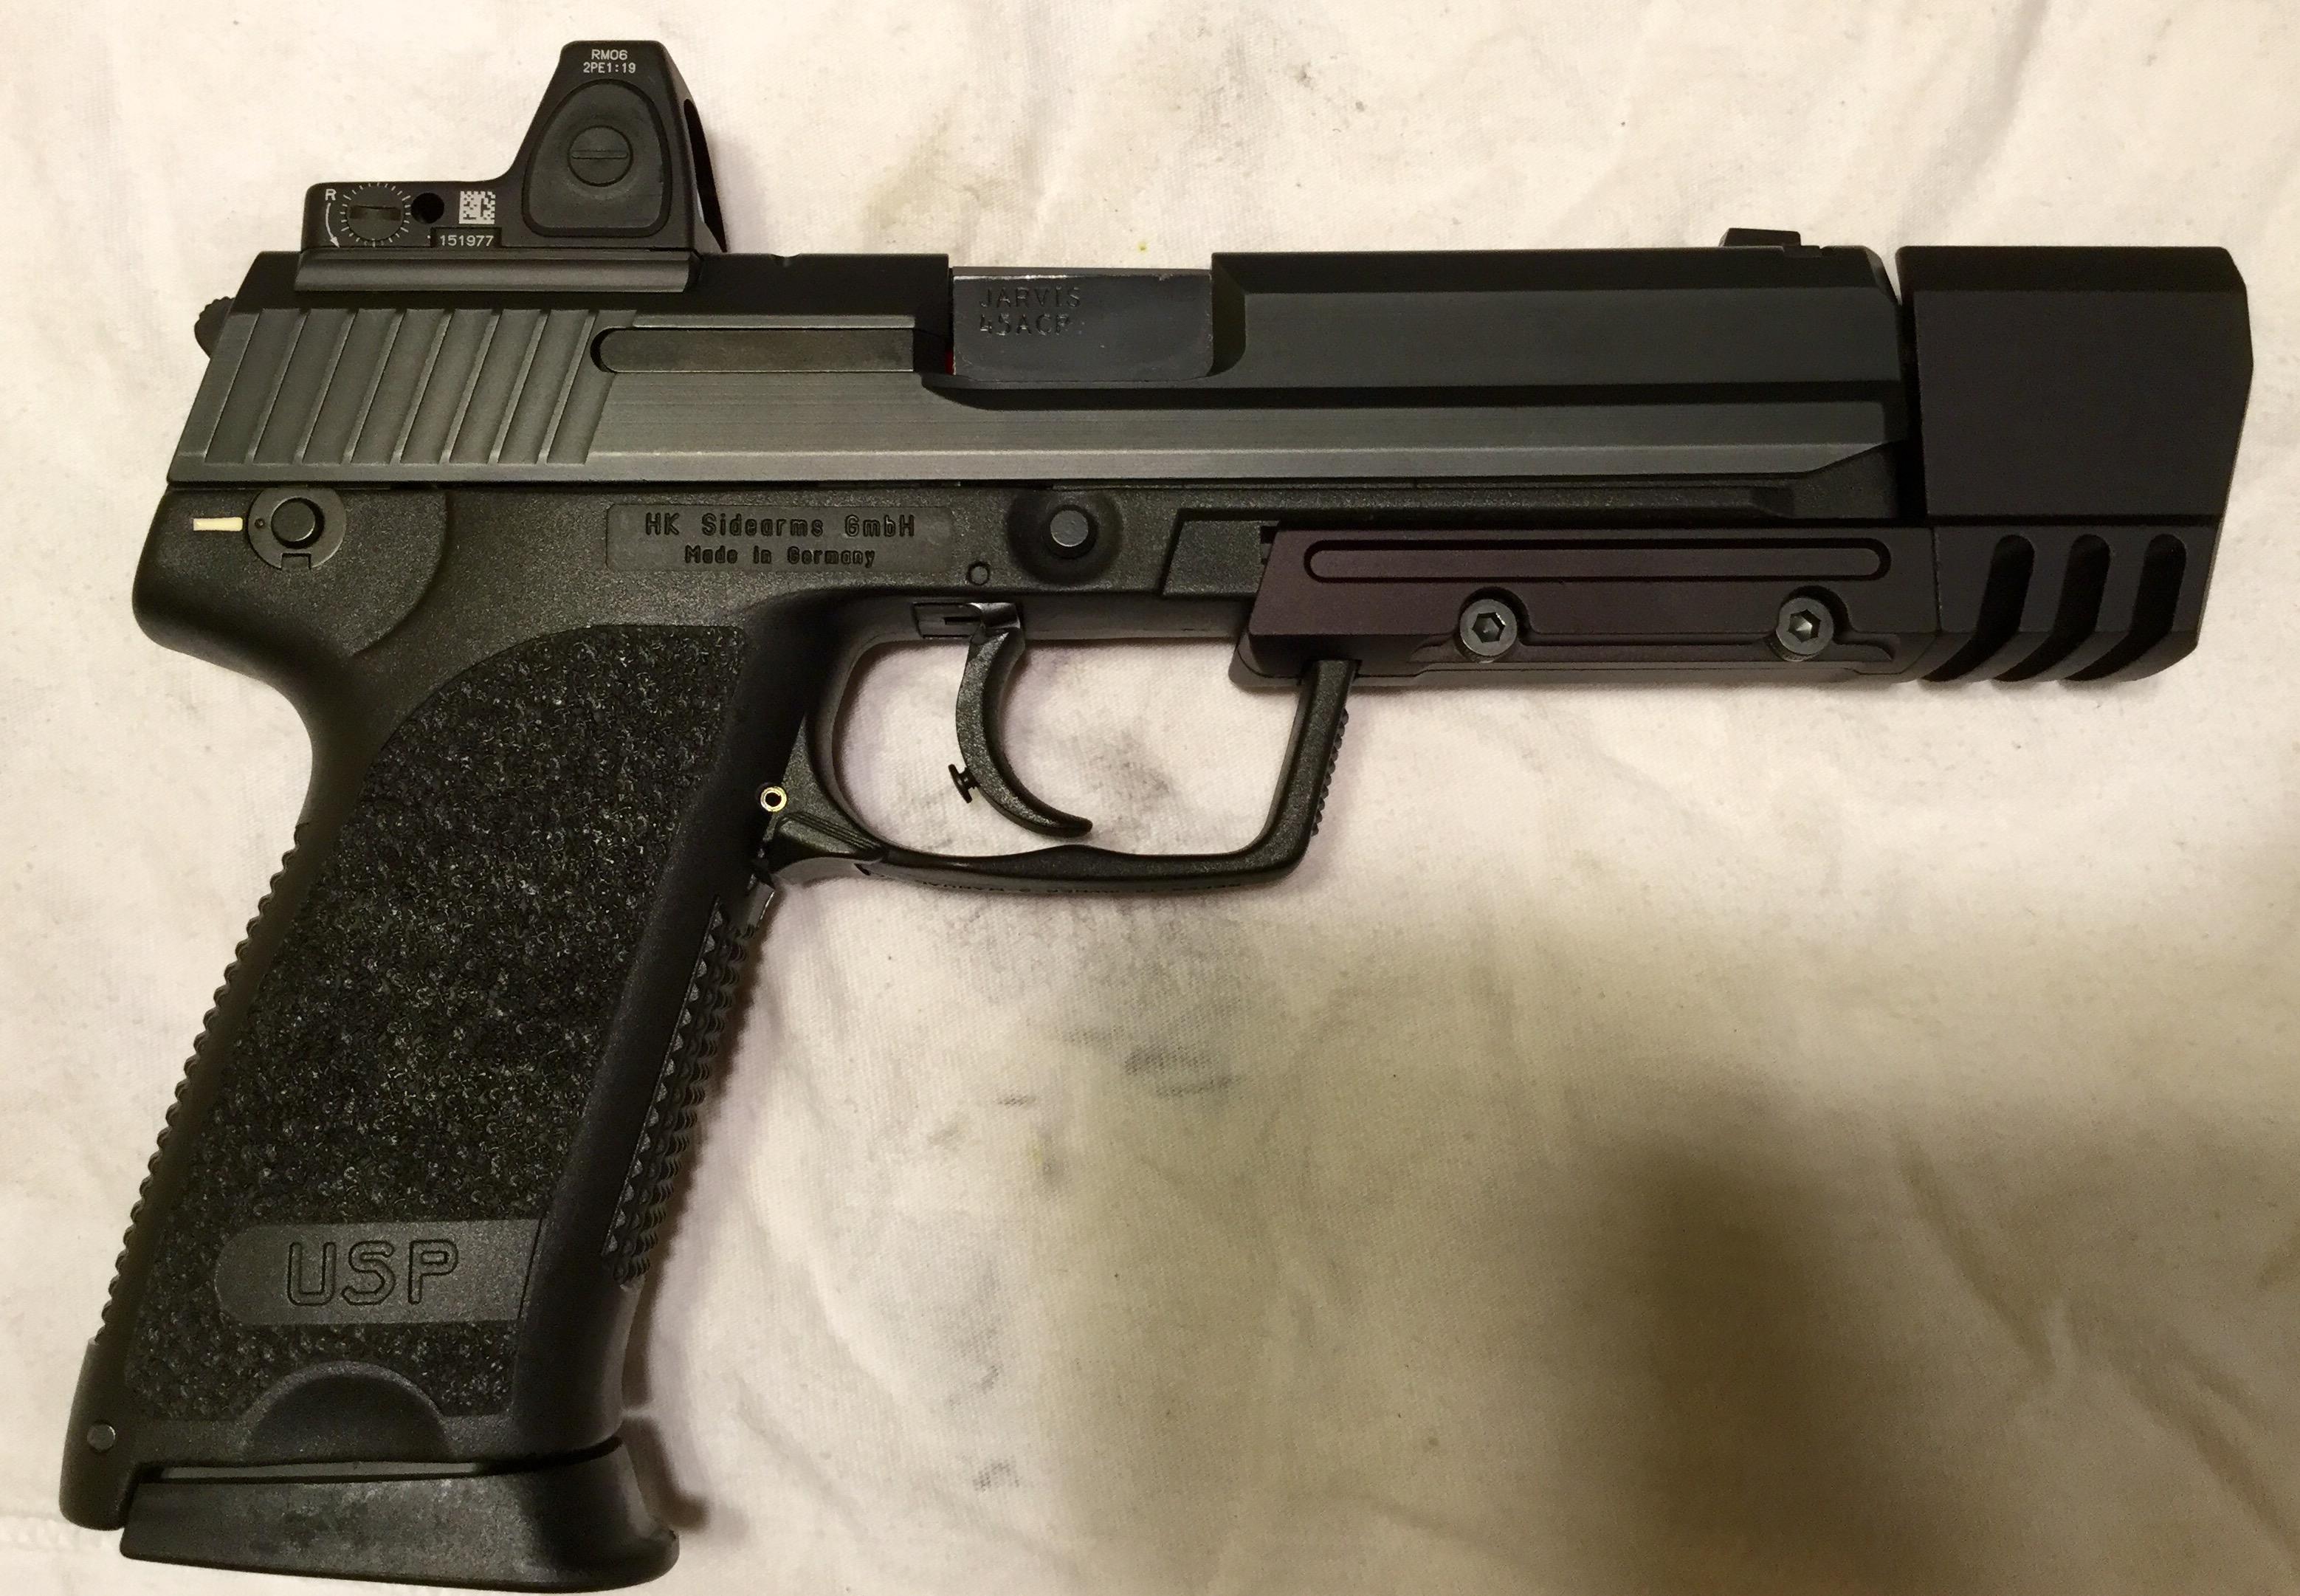 HK USP Tactical RMR milled slide?